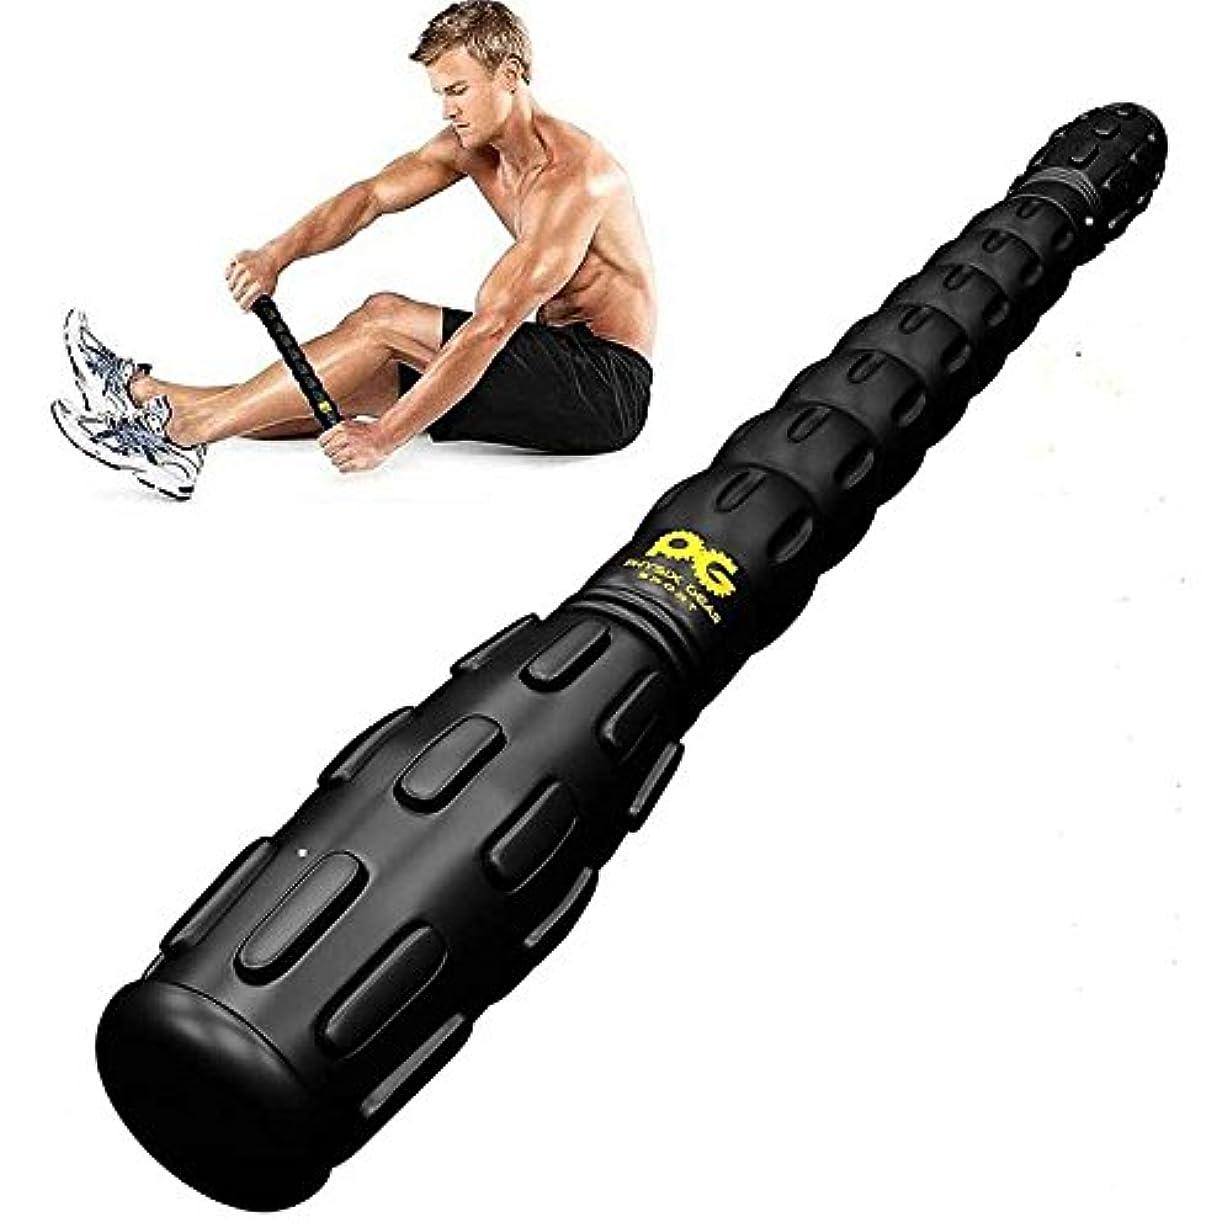 セッティング心のこもった比較的Liebeye ポータブル 筋肉マッサージスティック マニュアルローラー マッサージャー痛みの筋肉を解放する 脚の回復 ブラック